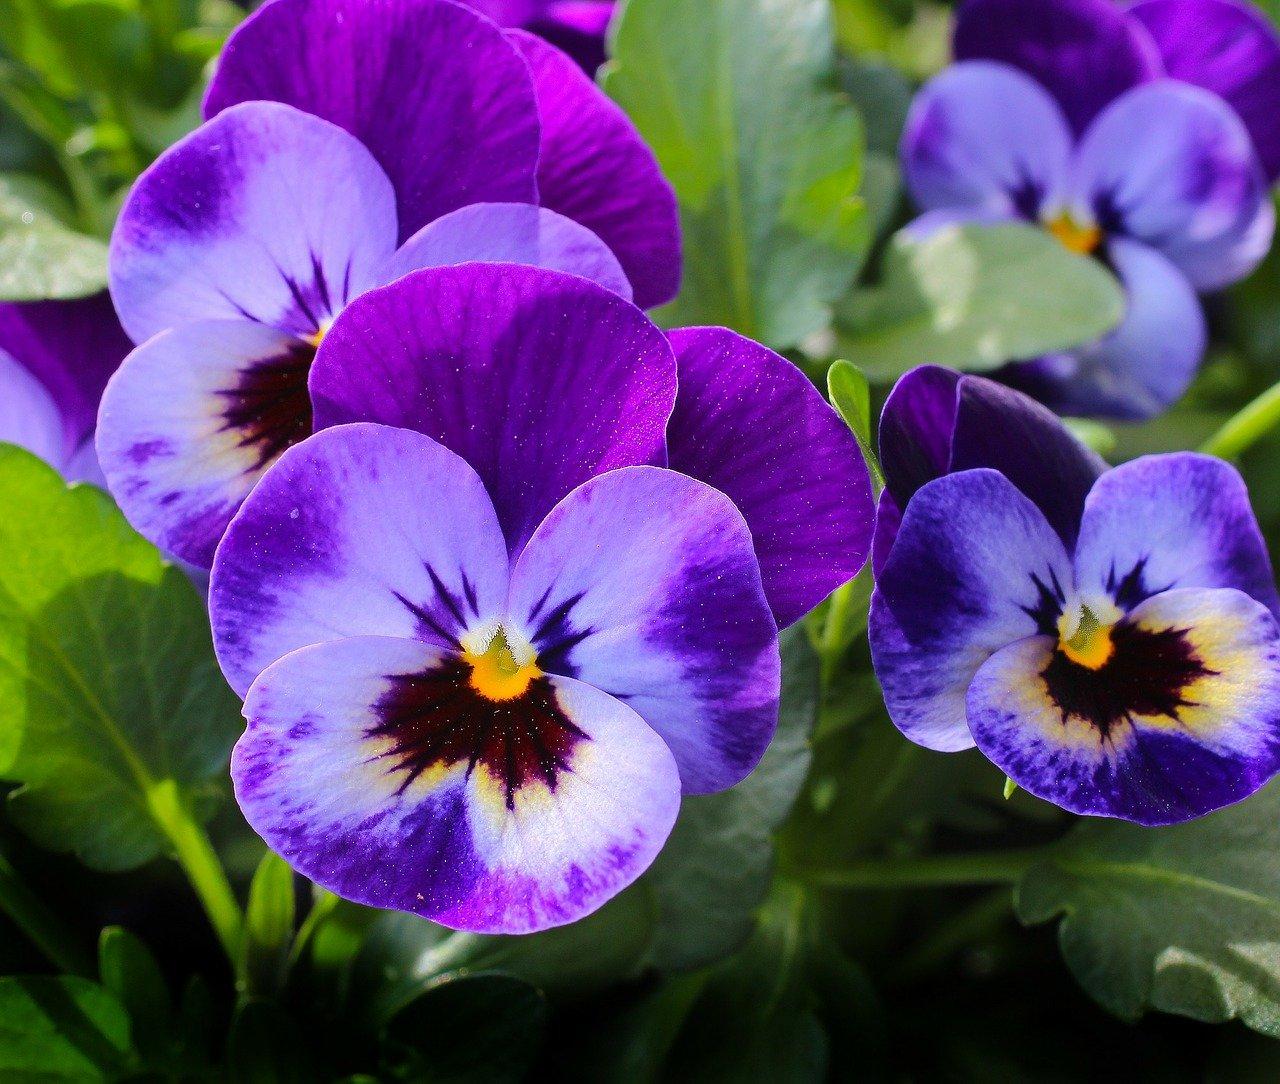 flores medicinais conhe a suas diversas propriedades blog giuliana flores. Black Bedroom Furniture Sets. Home Design Ideas